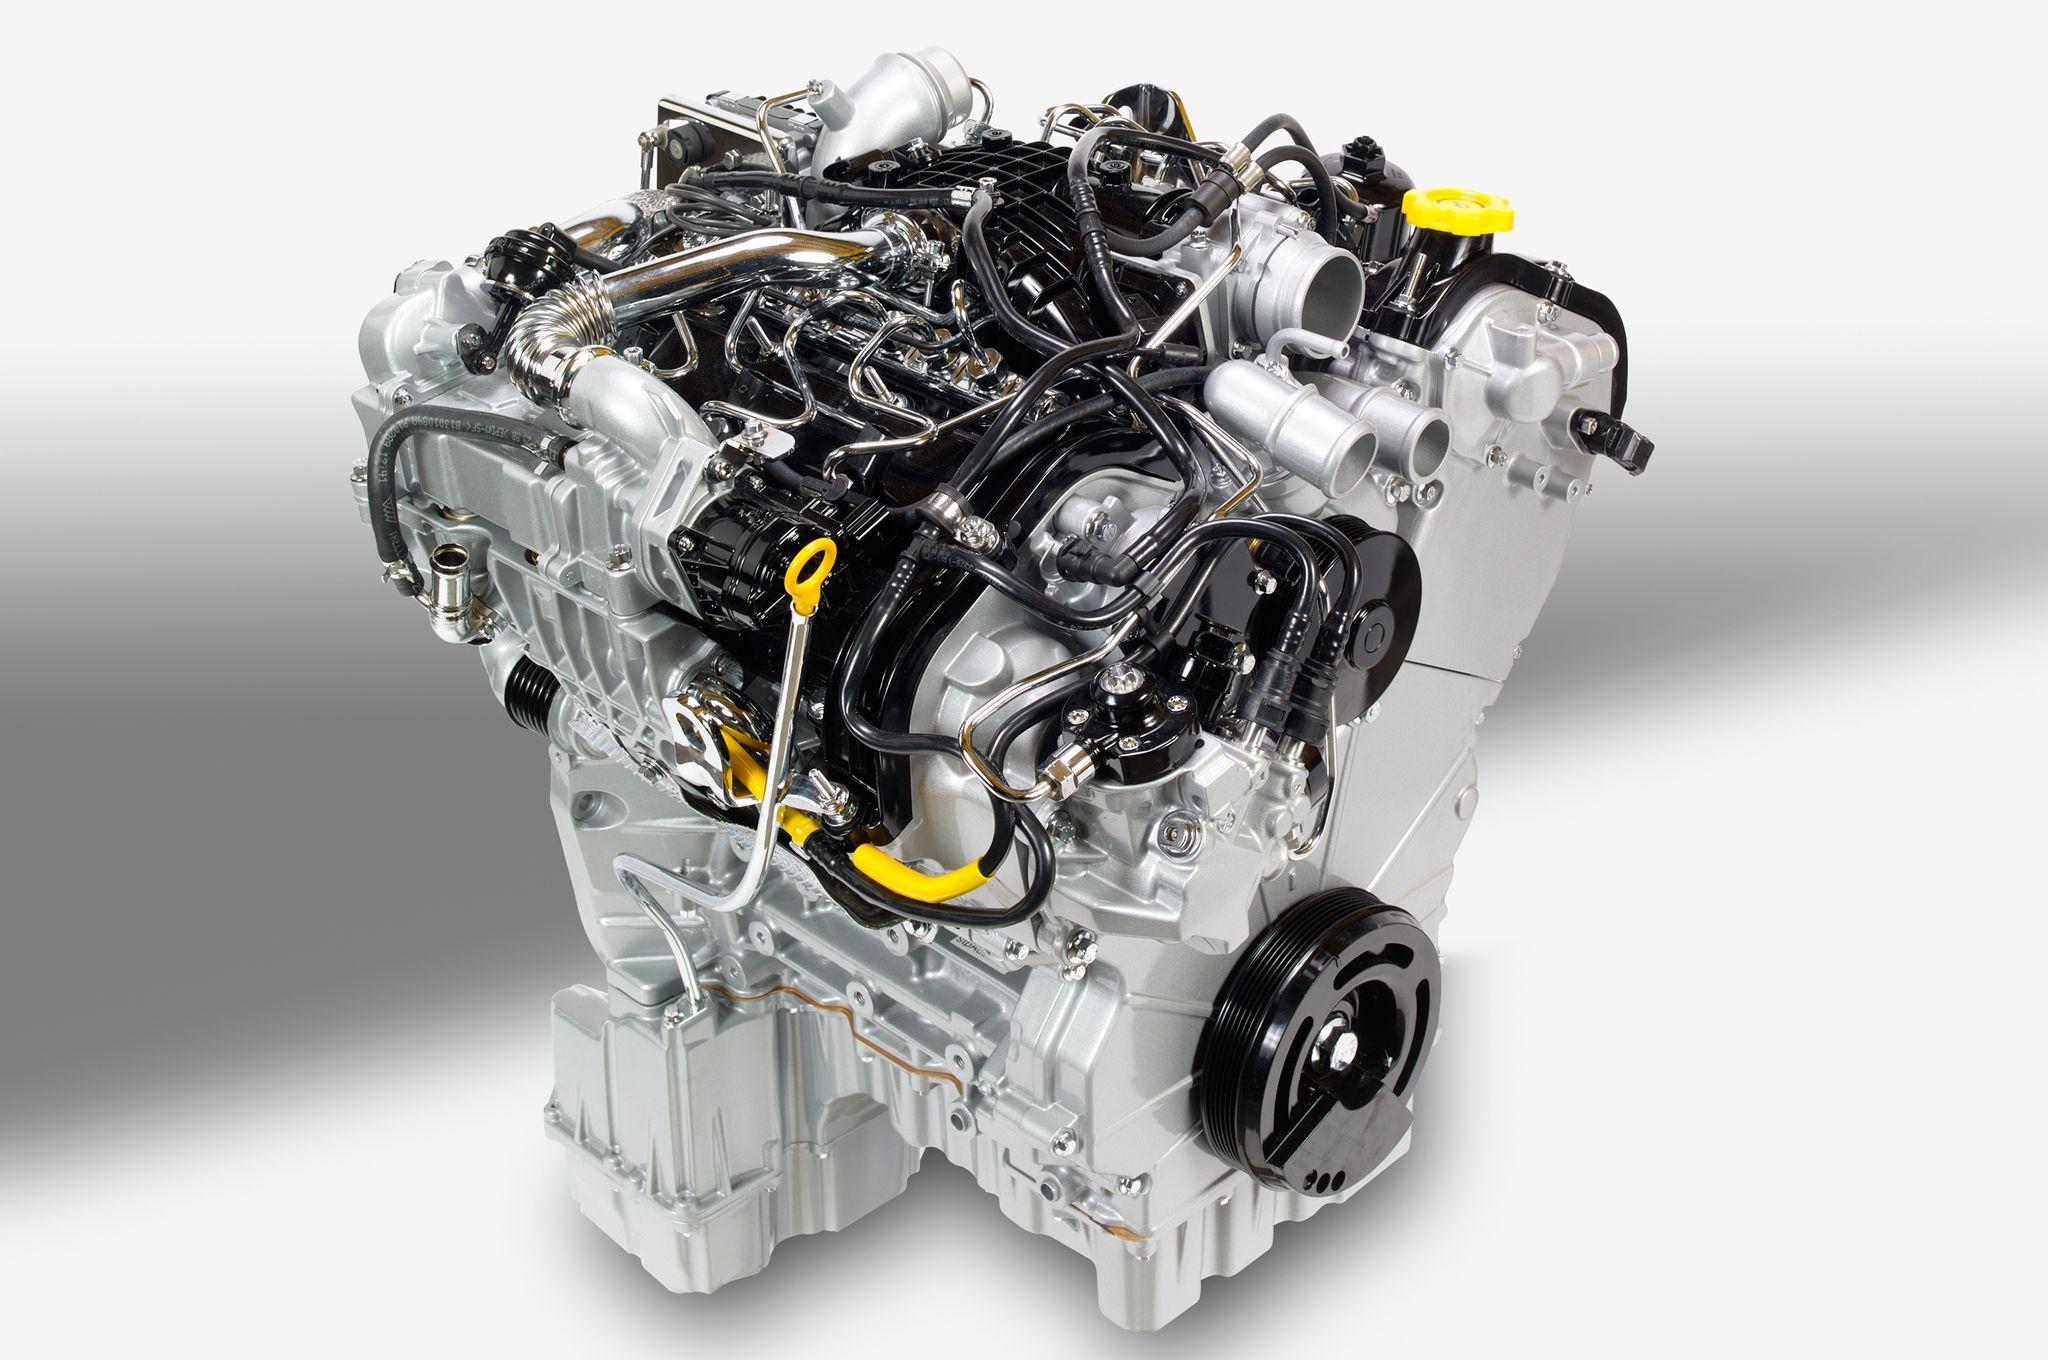 2015 Ram 1500 Ecodiesel v6 engine